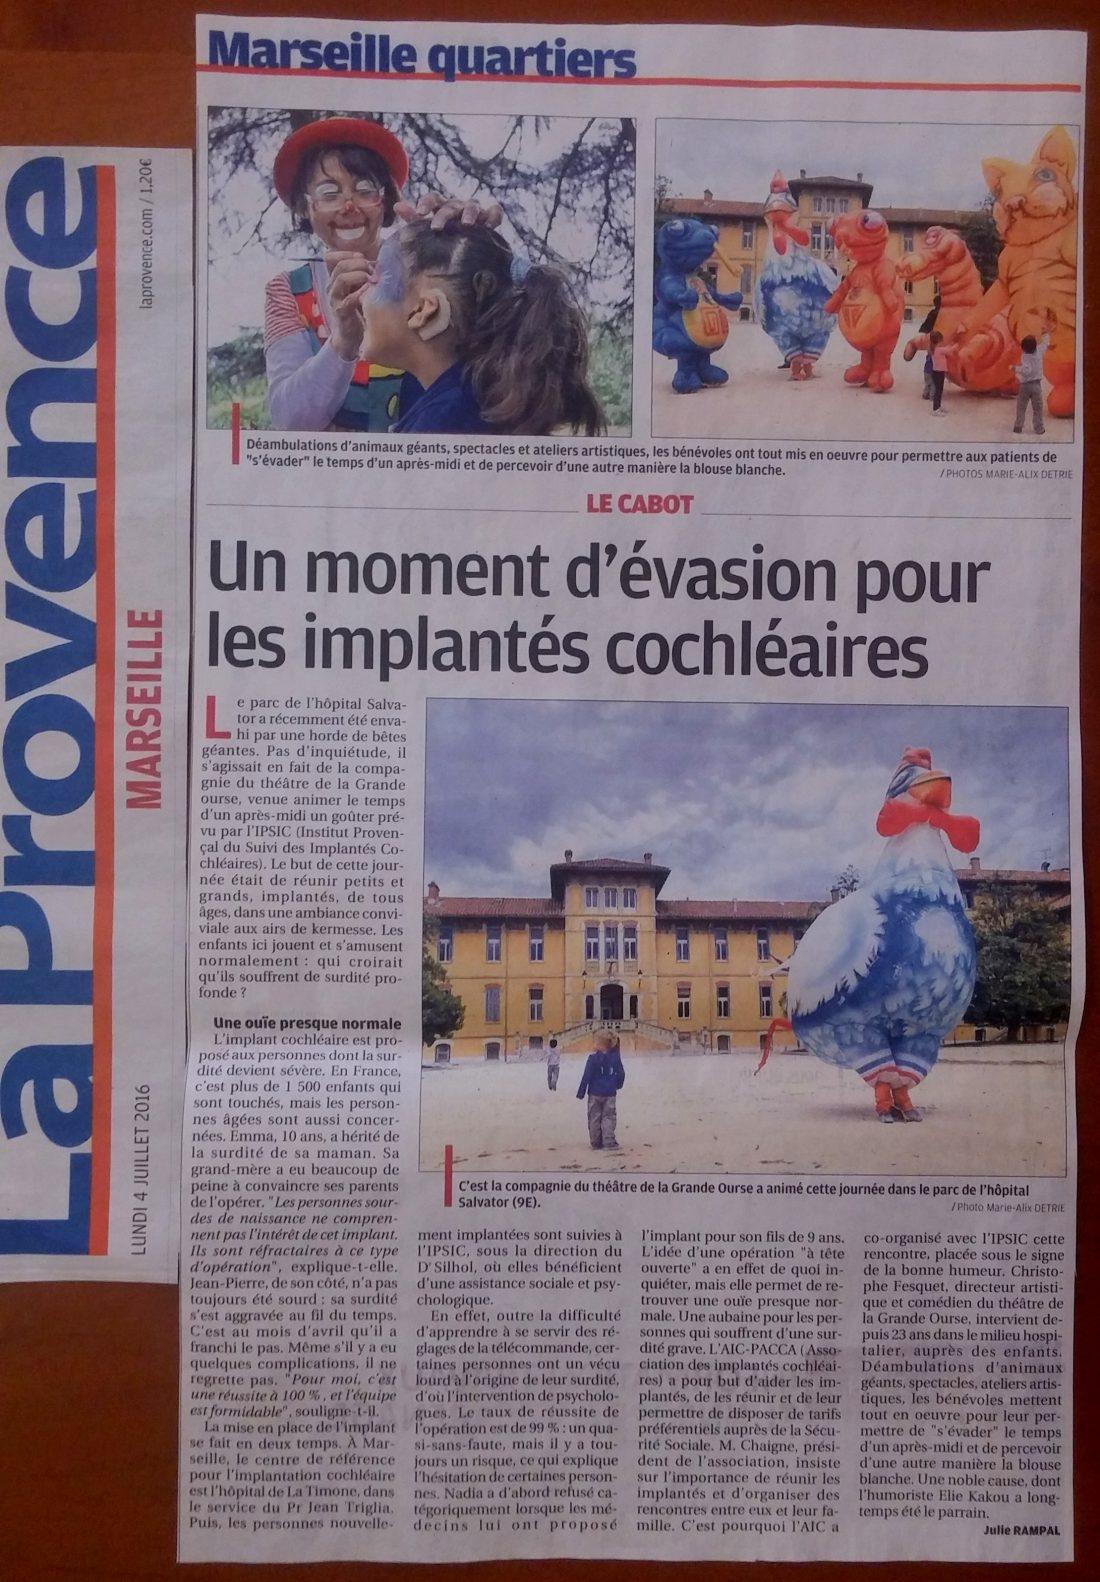 Spectacles ateliers artistiques - la Provence hôpital salvator 2016